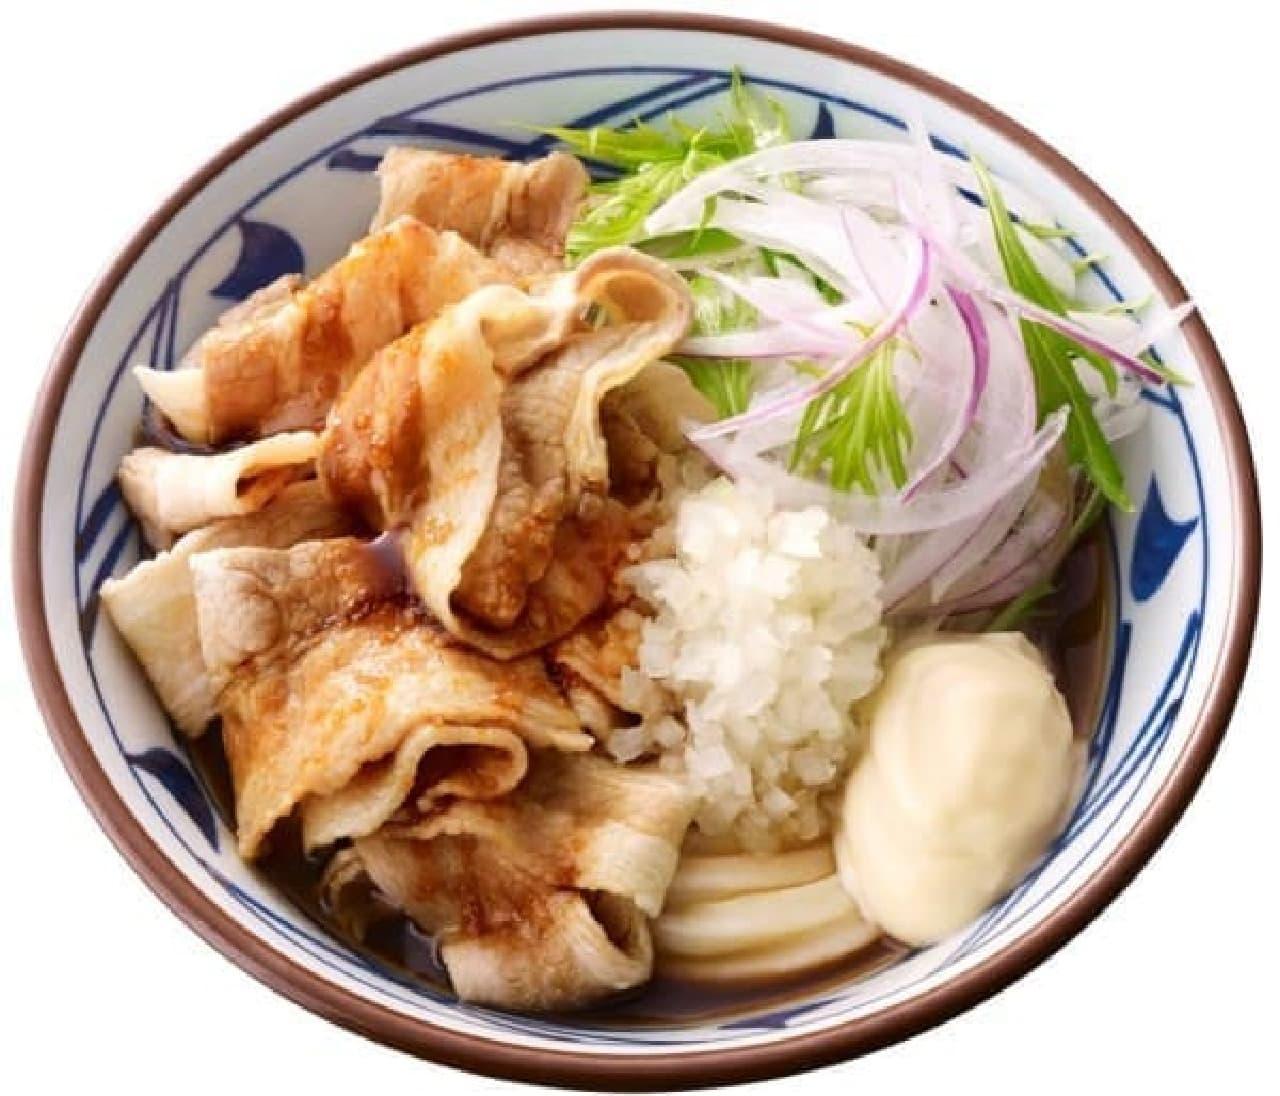 丸亀製麺「こく旨豚しゃぶぶっかけ」